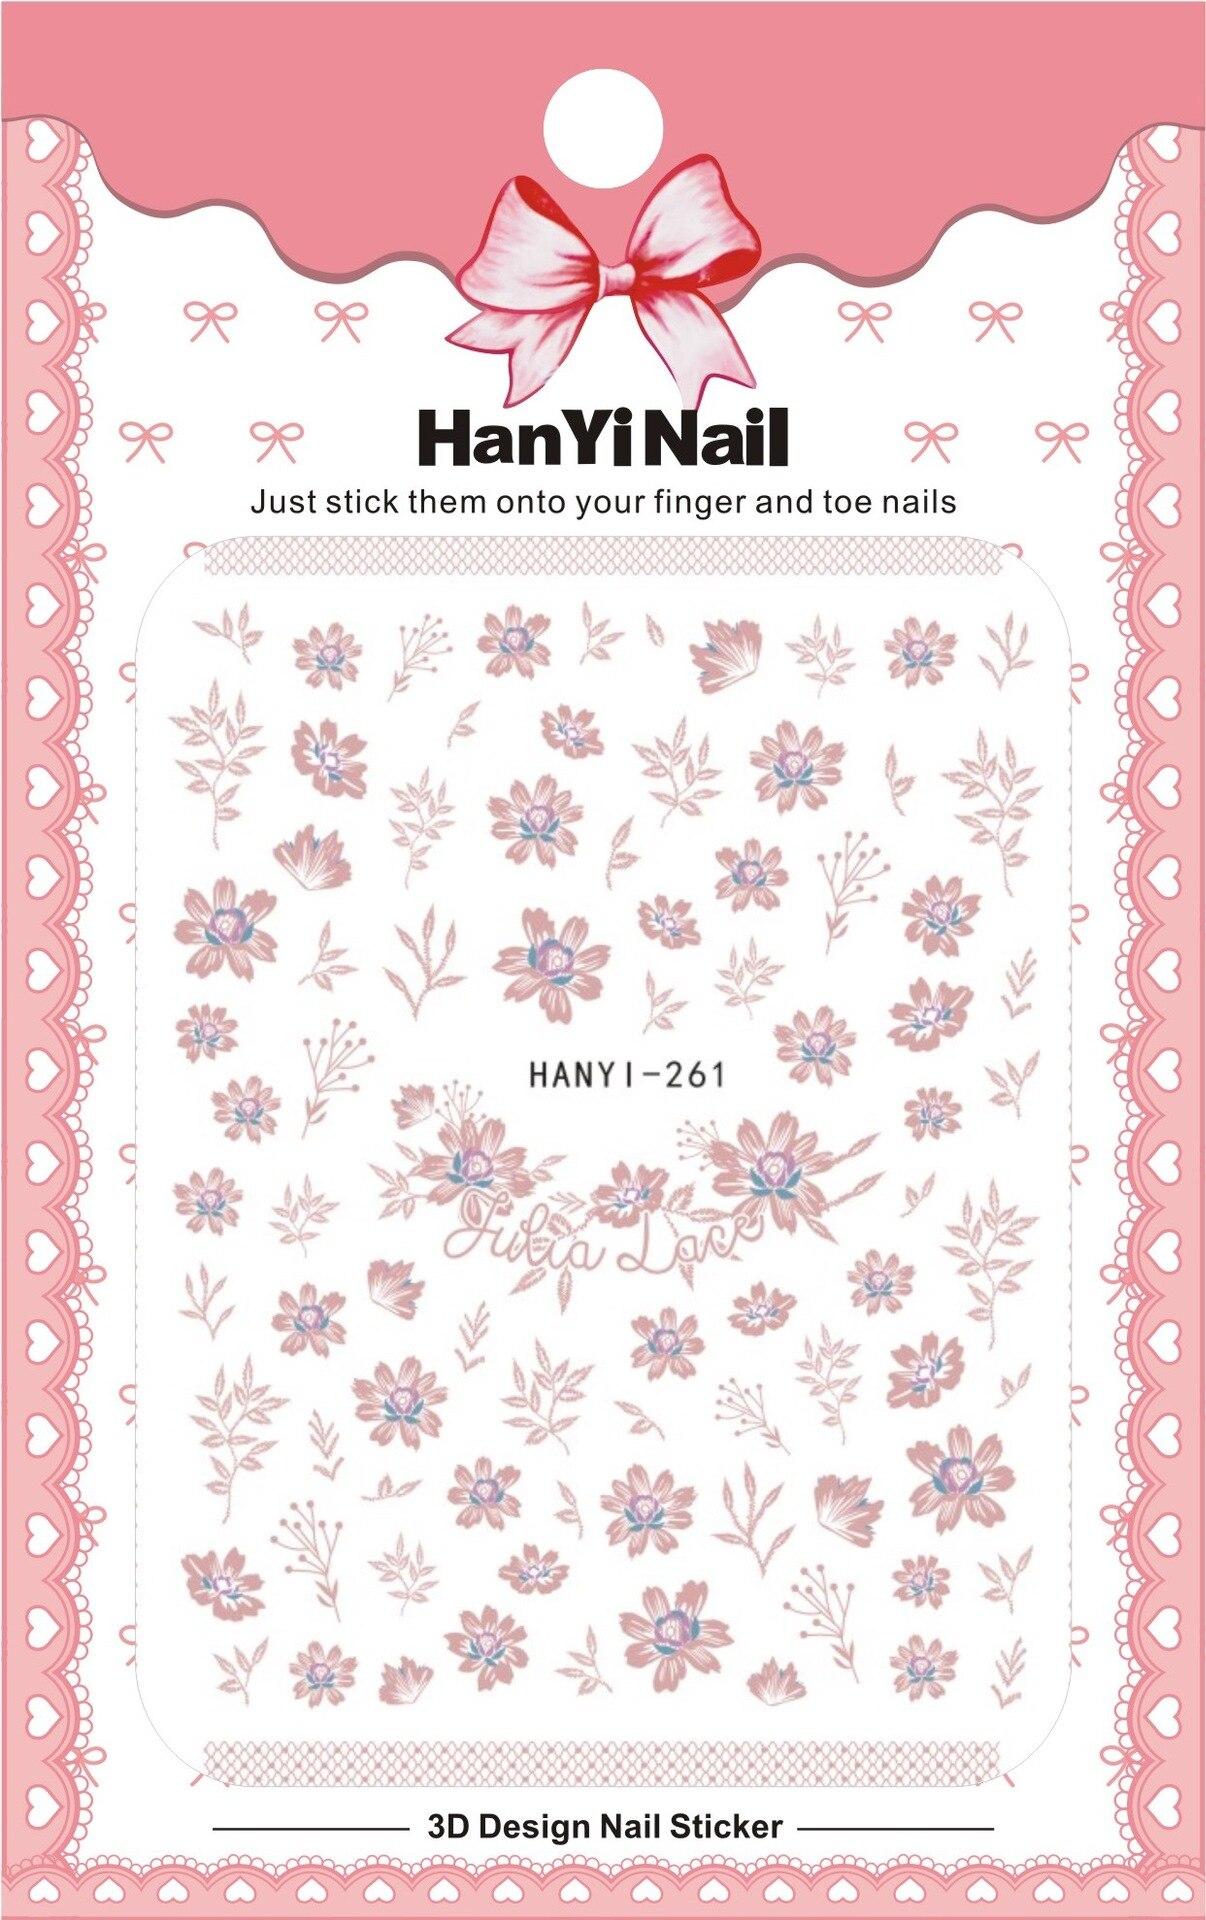 HANYI-261.jpg